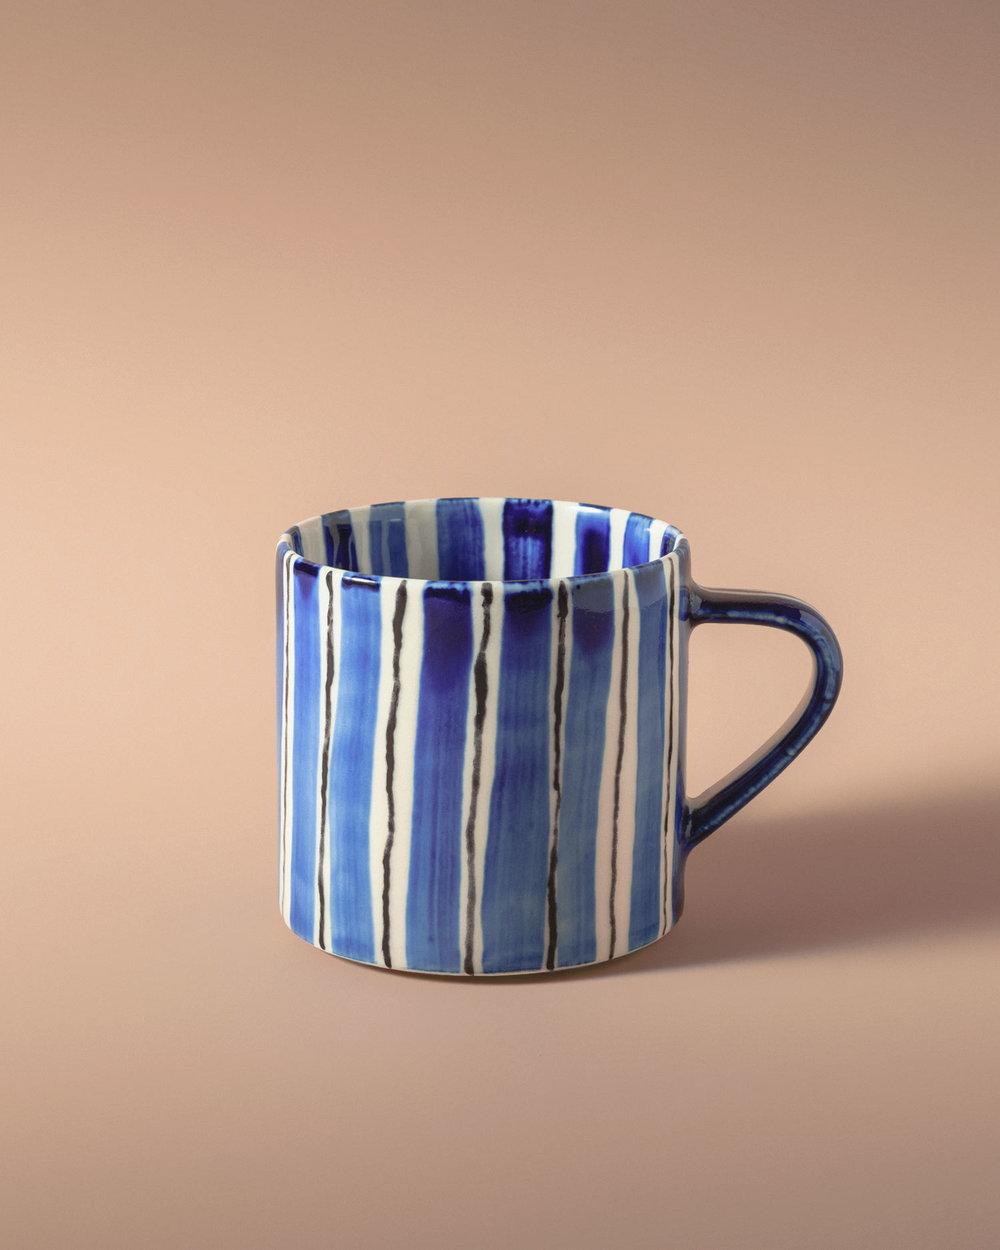 folkdrakter-coffee-cup-2.jpg